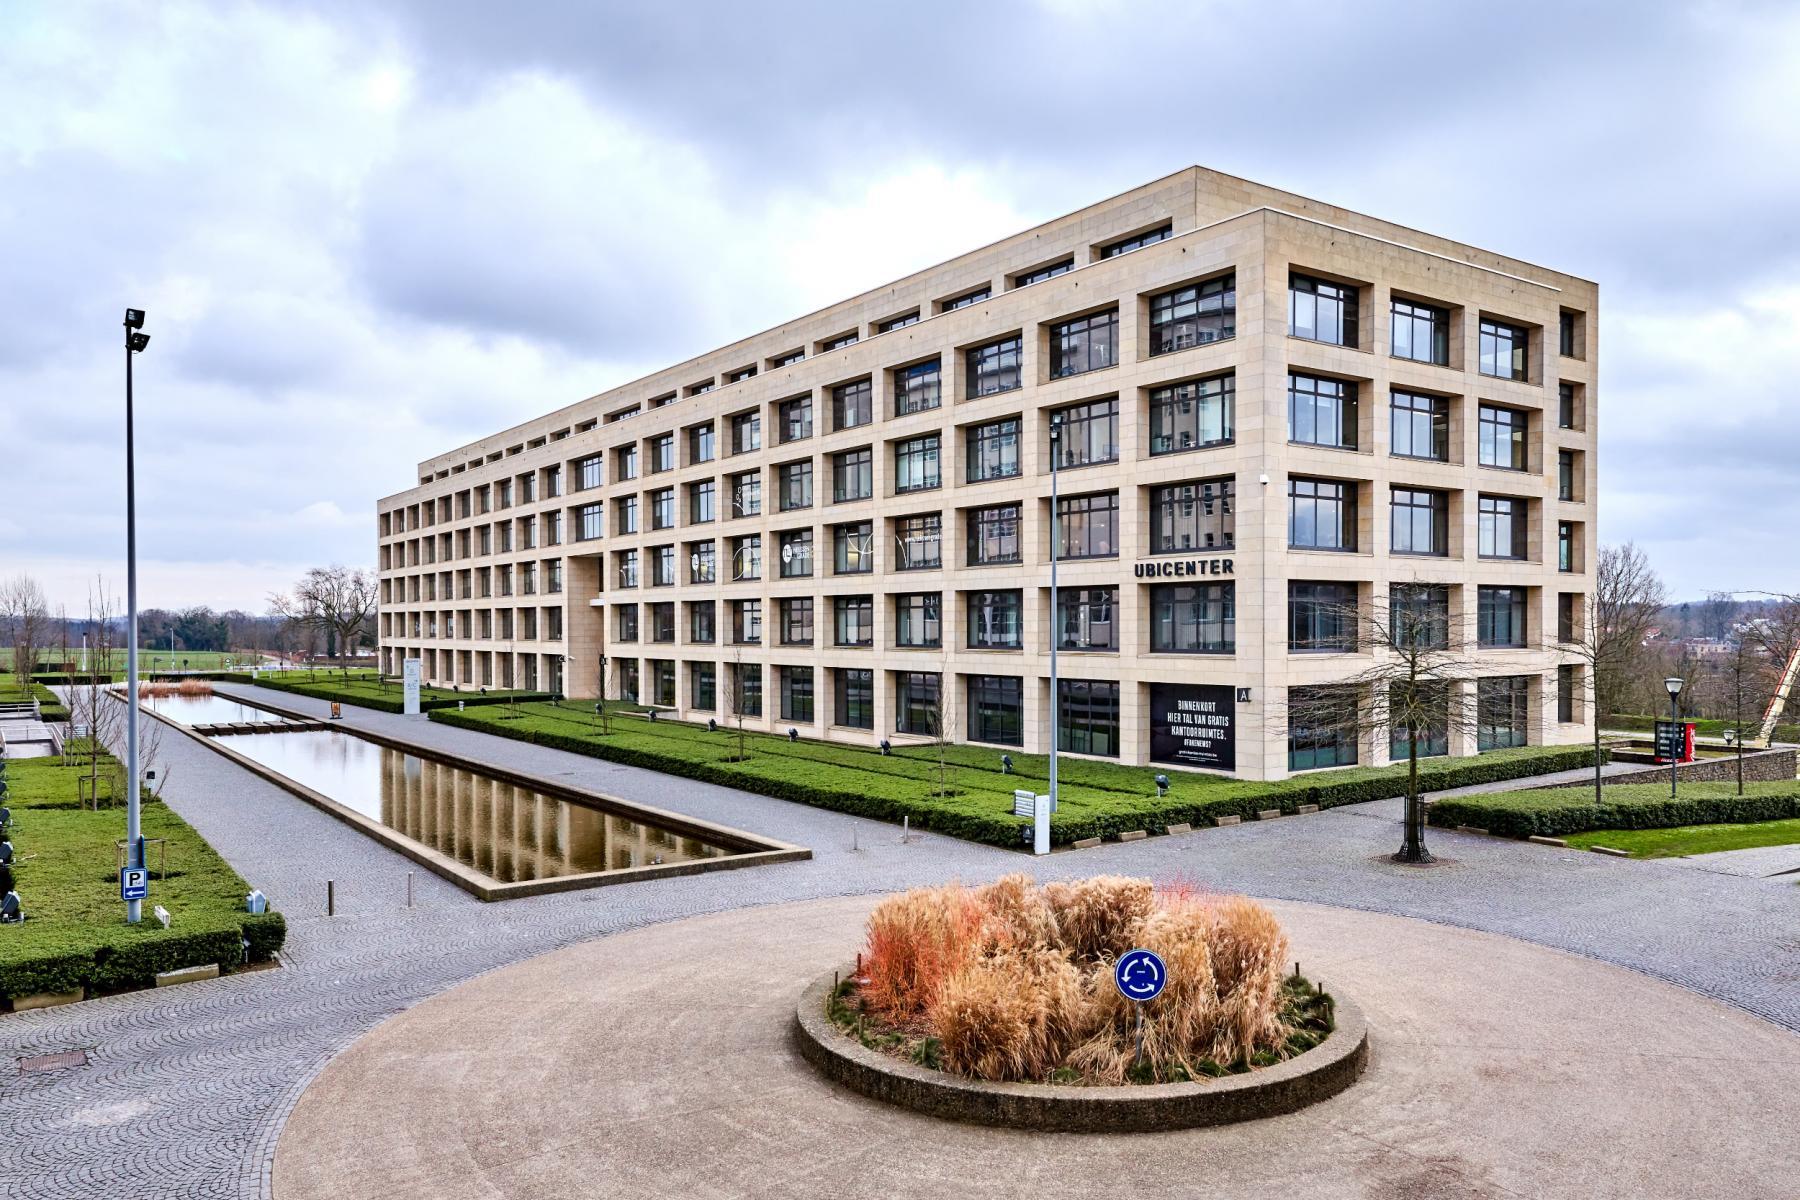 Kantoor te huur Philipssite 5 5, Leuven (2)